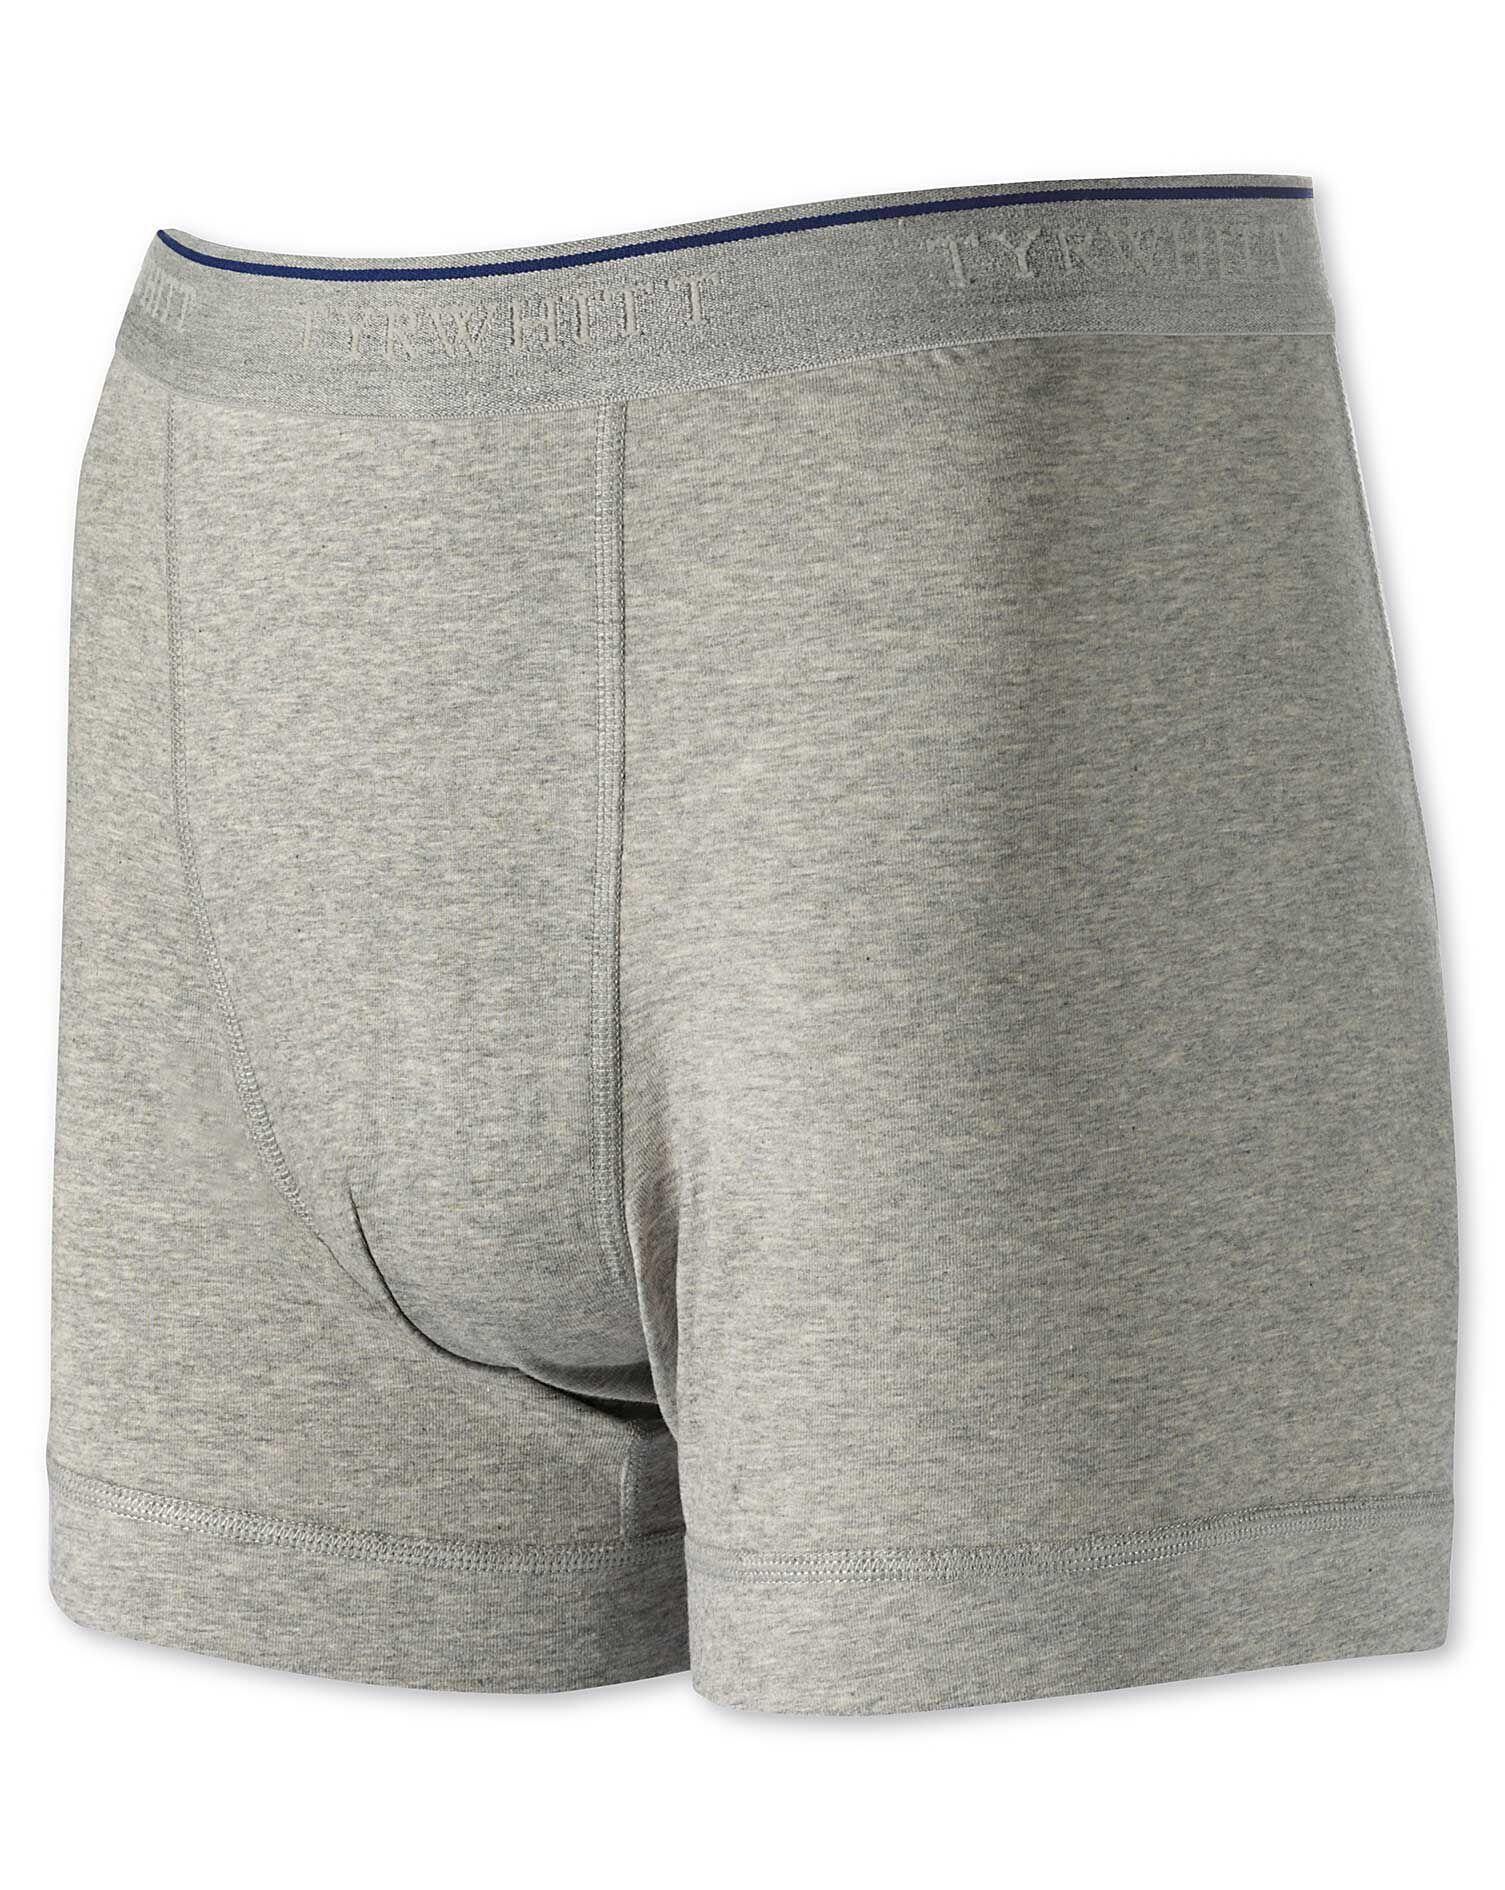 Grey Jersey Trunks Size XXL by Charles Tyrwhitt